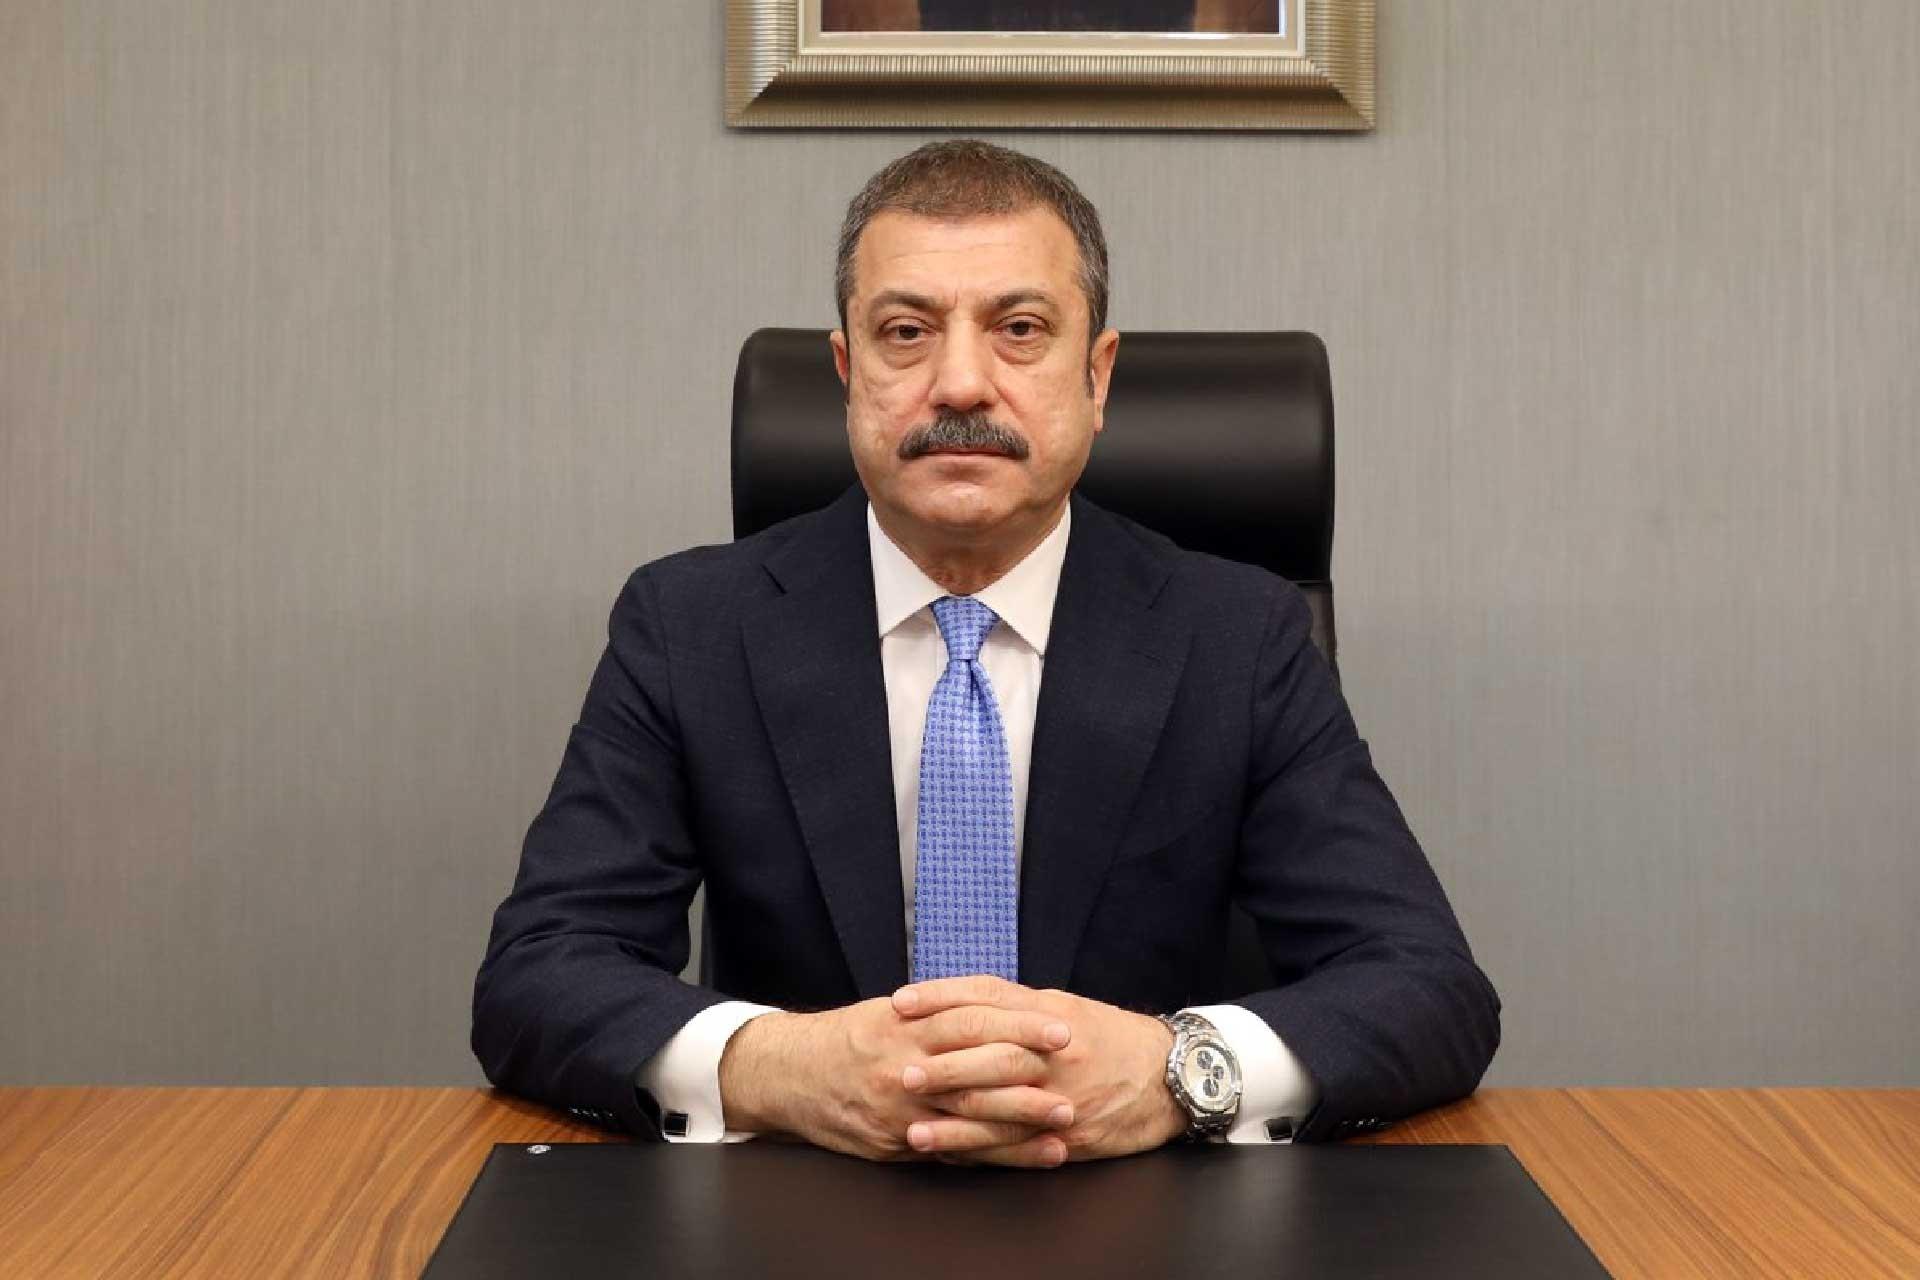 SON DAKİKA! Merkez Bankası Başkanı Kavcıoğlu'ndan flaş hamle: Banka yöneticileriyle görüşecek